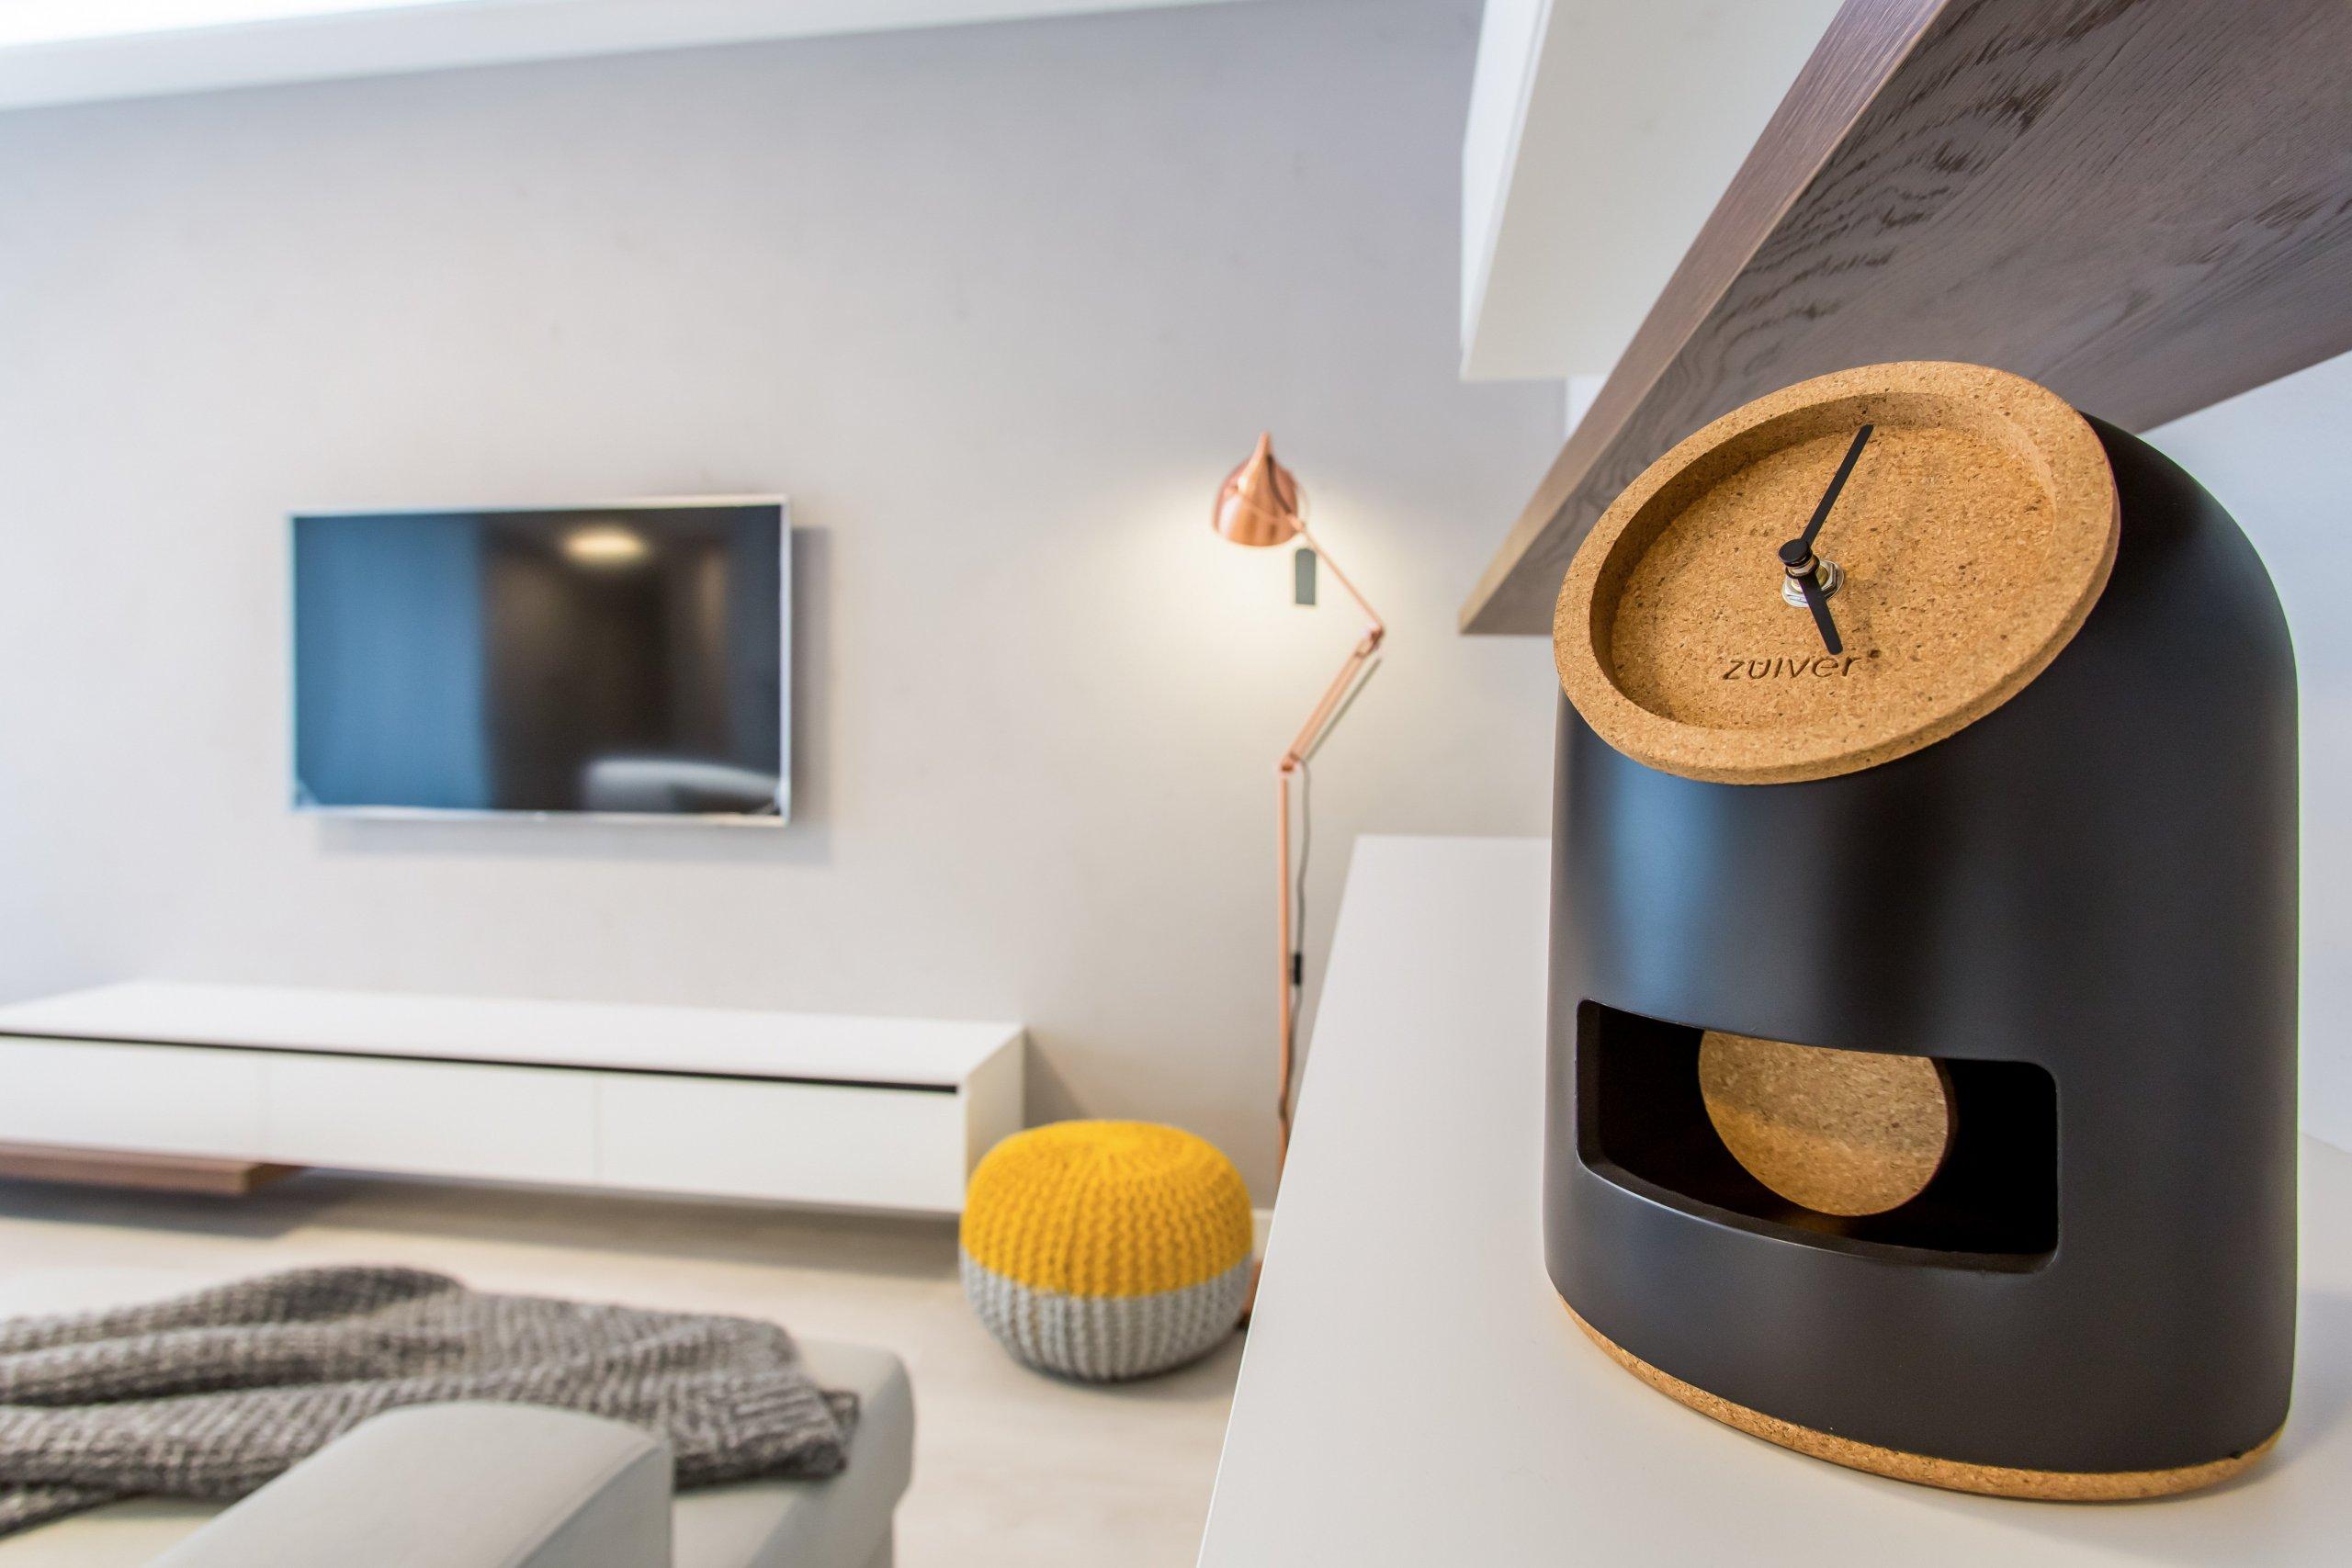 Nahliadnite do nášho najnovšieho zrealizovaného interiéru dvojizbového bytu v centre mesta. Koncept návrhu je špecifický výrazným kontrastom tmavého…